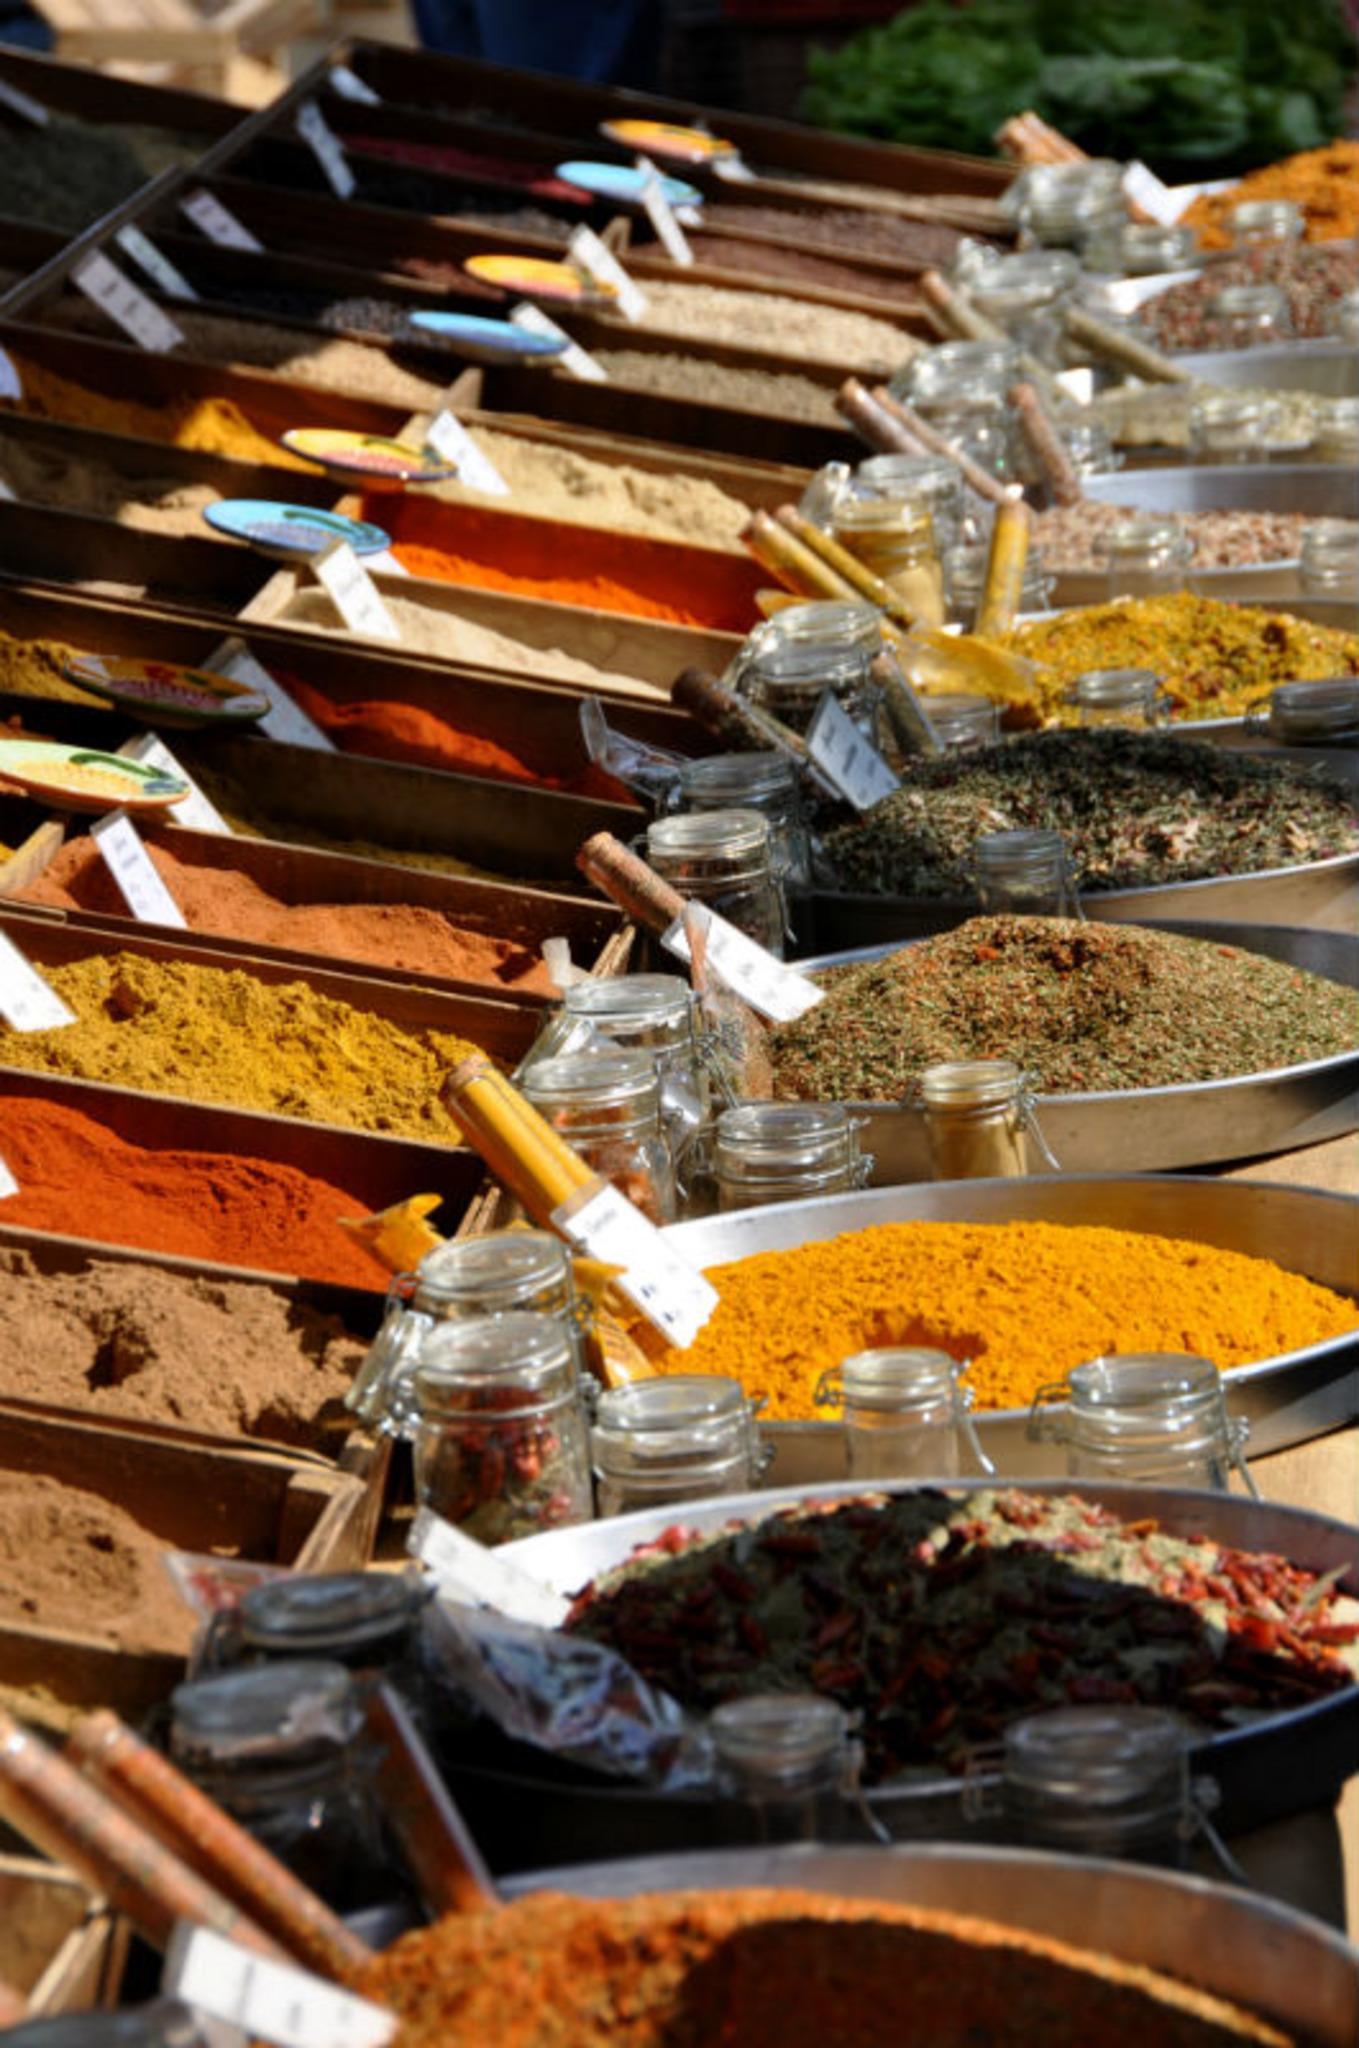 Bild 1 aus Beitrag: Indiens Küchen spielen mit den Aromen von ...